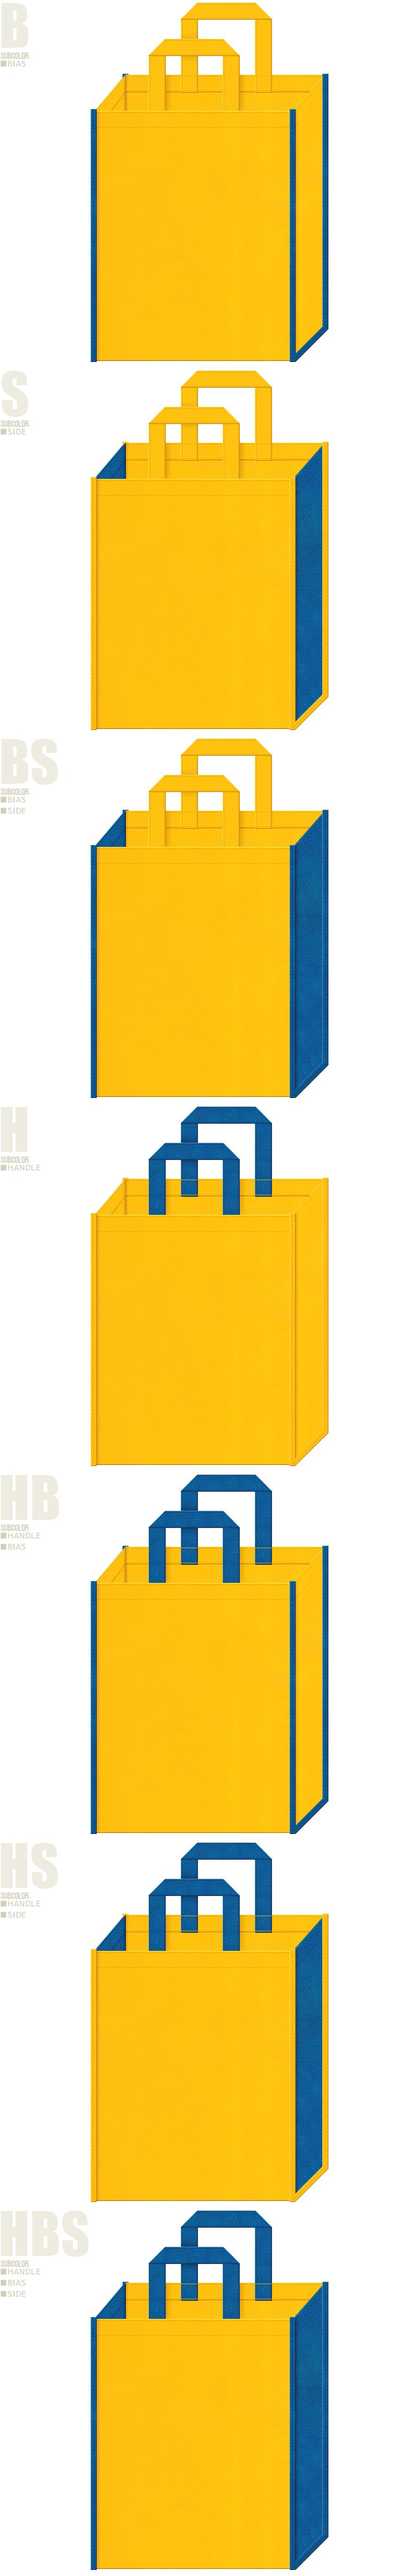 黄色と青色、7パターンの不織布バッグデザイン。通園バッグ・おもちゃ・遊園地・テーマパークの不織布バッグにお奨めの配色です。